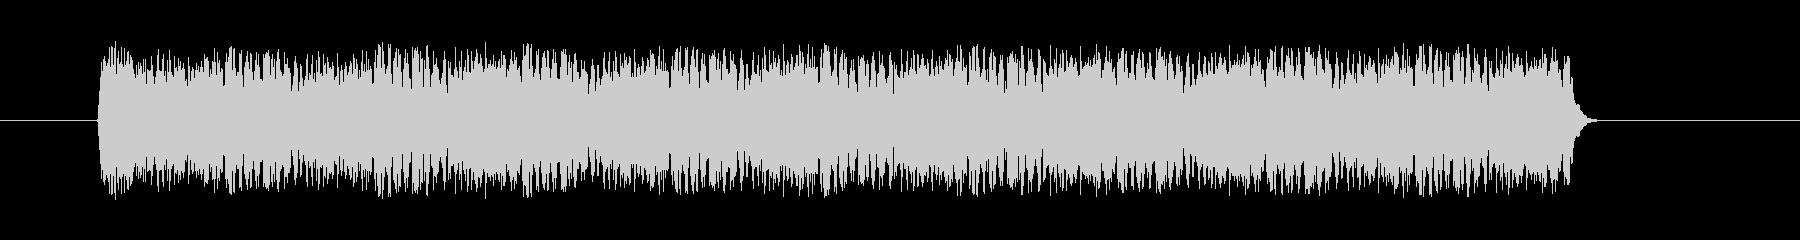 スネアドラムのドラムロールの未再生の波形